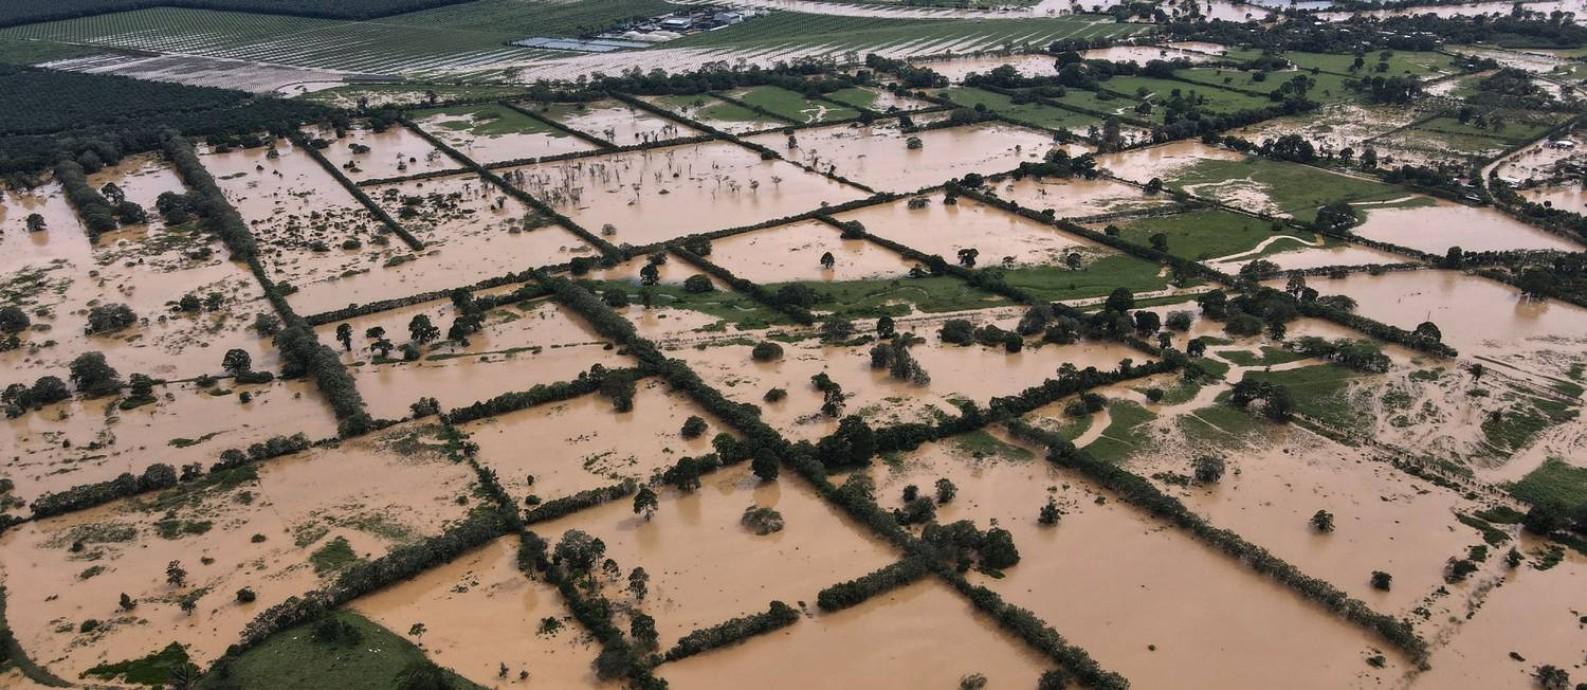 Imagem aérea mostra região alagada após ciclone na Guatemala Foto: Carlos Alonzo / AFP